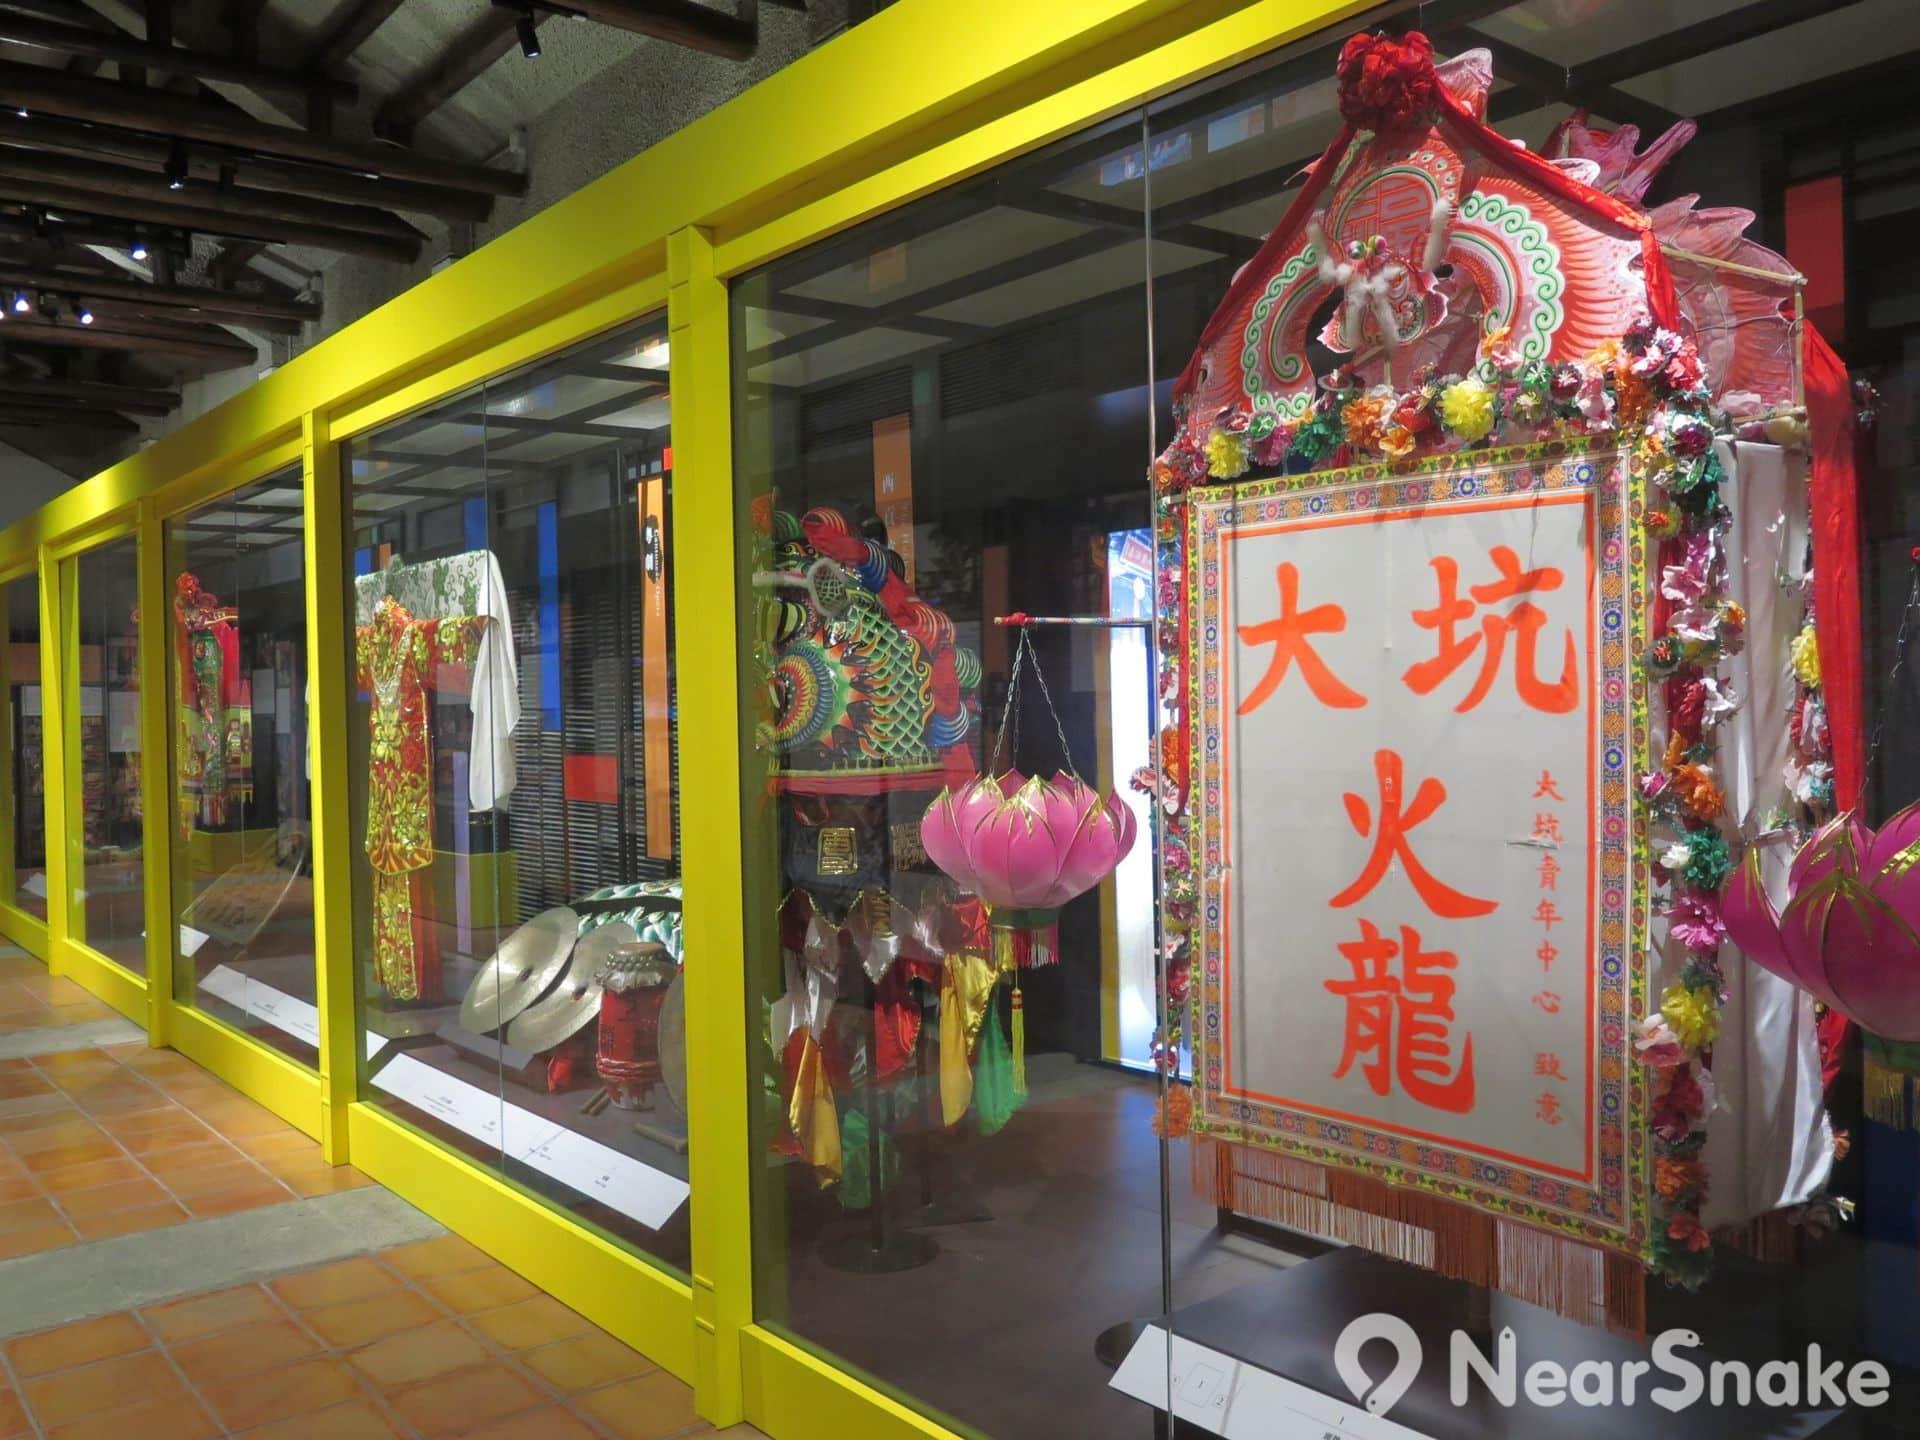 三棟屋博物館歸由非物質文化遺產辦事處管轄,故館內設有「香港非物質文化遺產」展示區,可讓大家深入認識各類入選項目;即使閣下曾觀賞「大坑舞火龍」,但卻未必知道背後的故事吧!